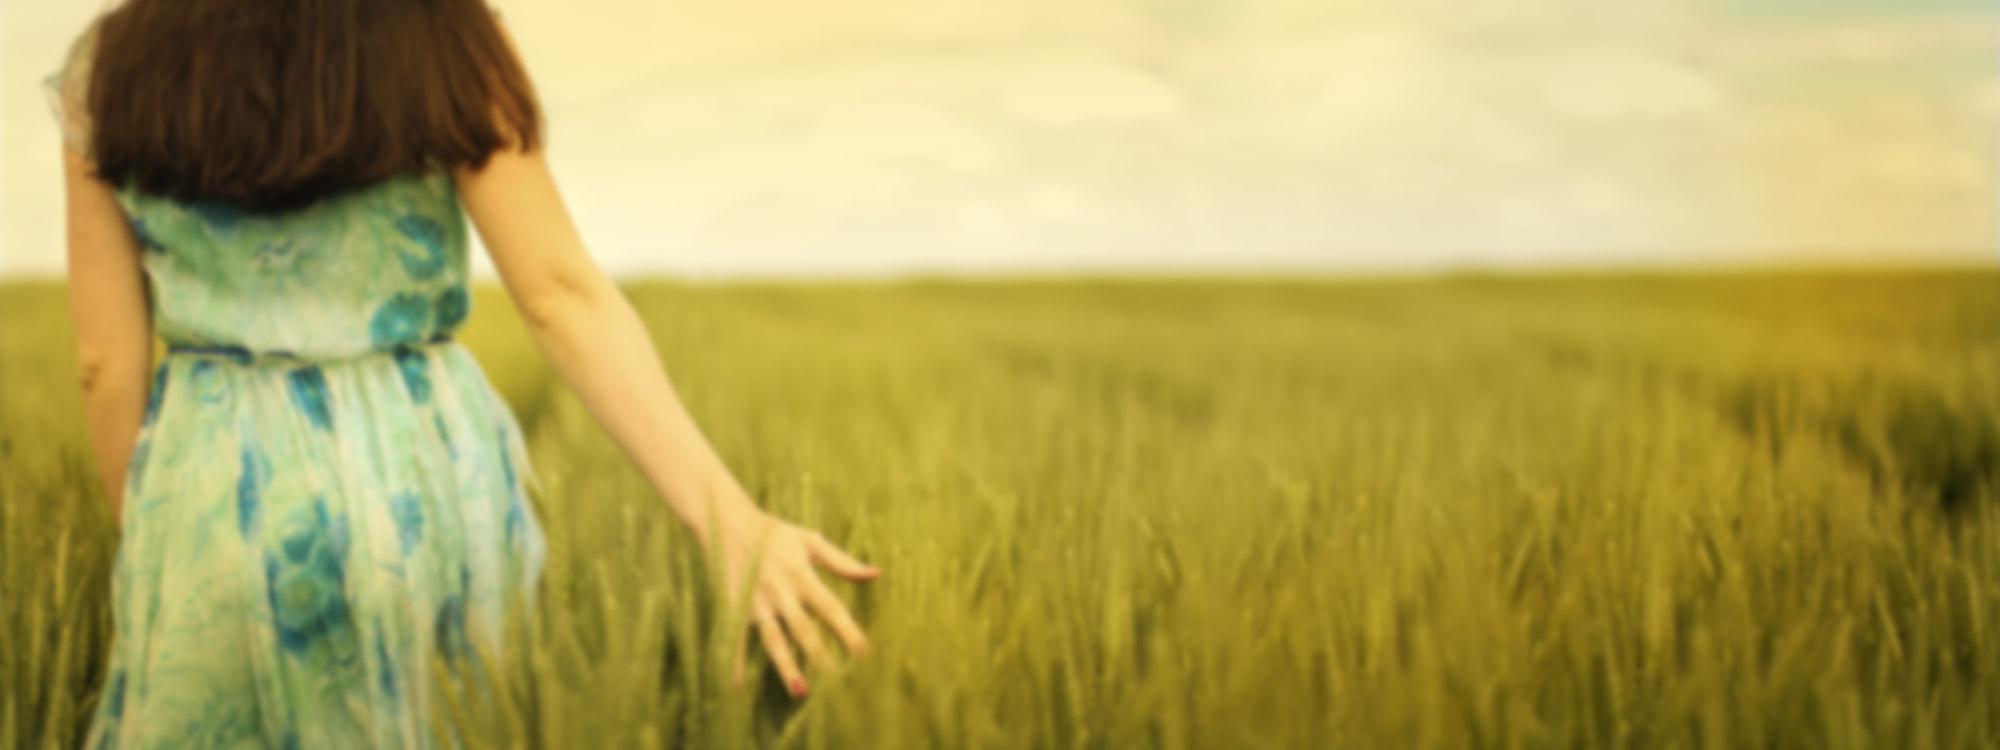 grass-field-woman